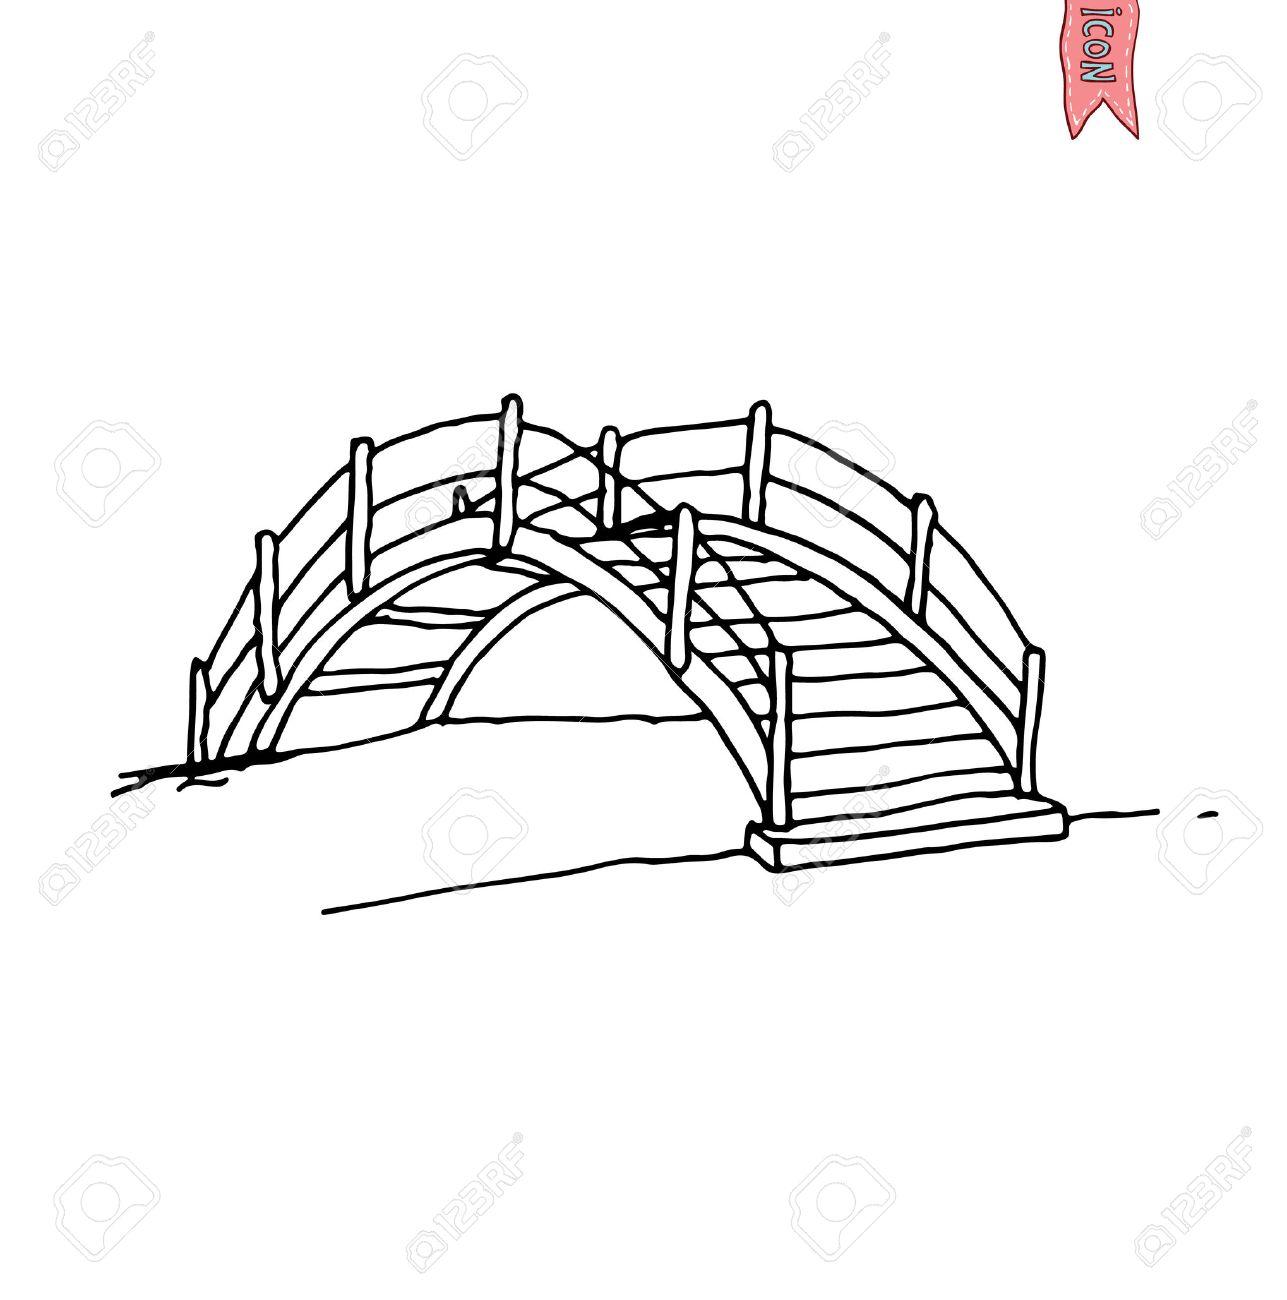 Bridge Drawing At Getdrawings